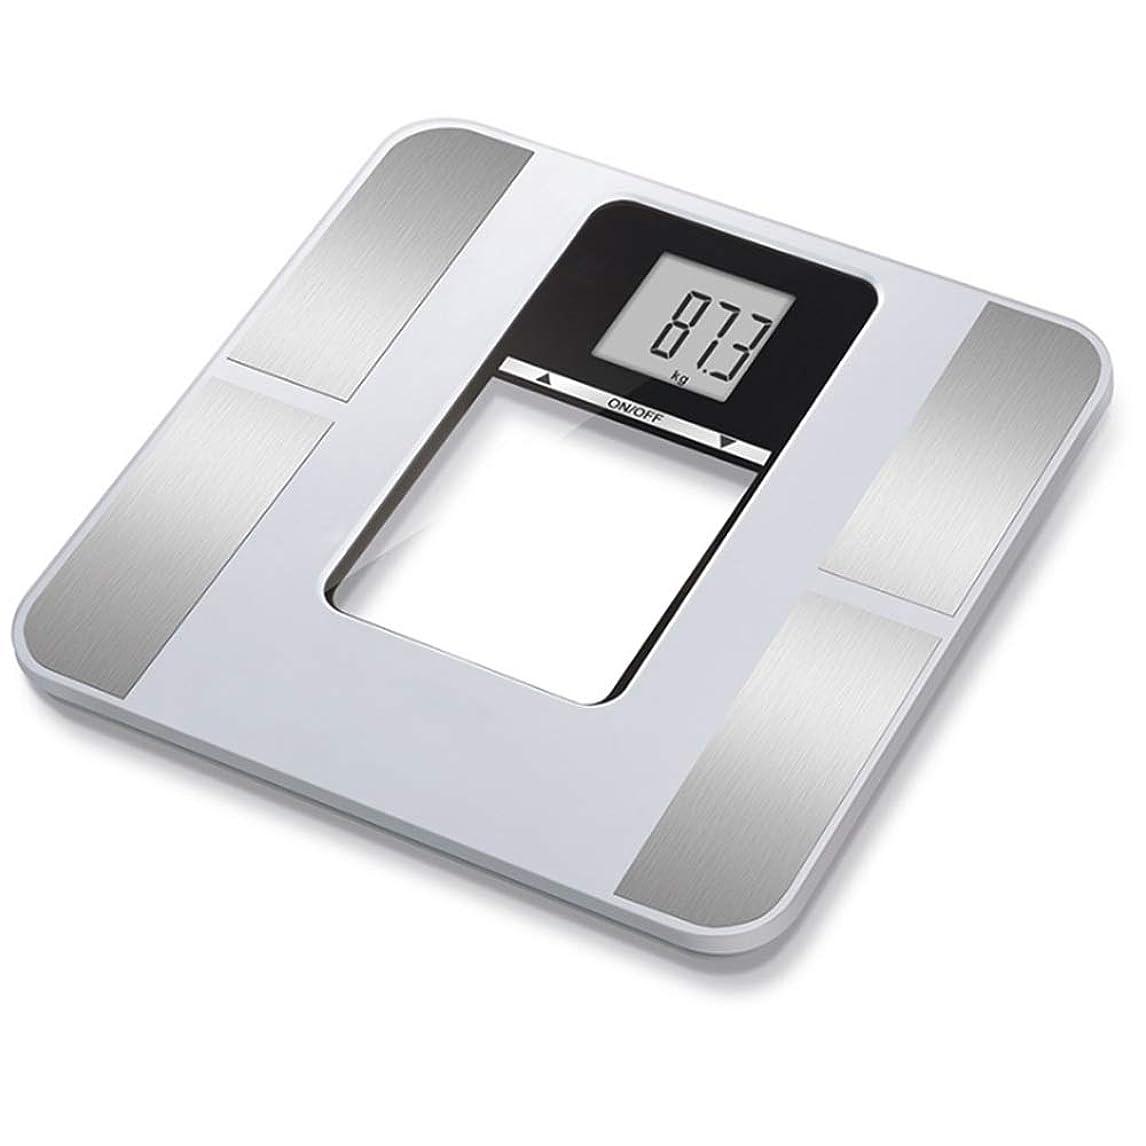 驚前置詞薄暗いデジタル天びんスケール ブルートゥーススマートアプリデジタル体重脂肪浴室スケール大トップバックライト付き液晶画面最大180キログラム体組成アナライザスケールIOSとアンドロイド